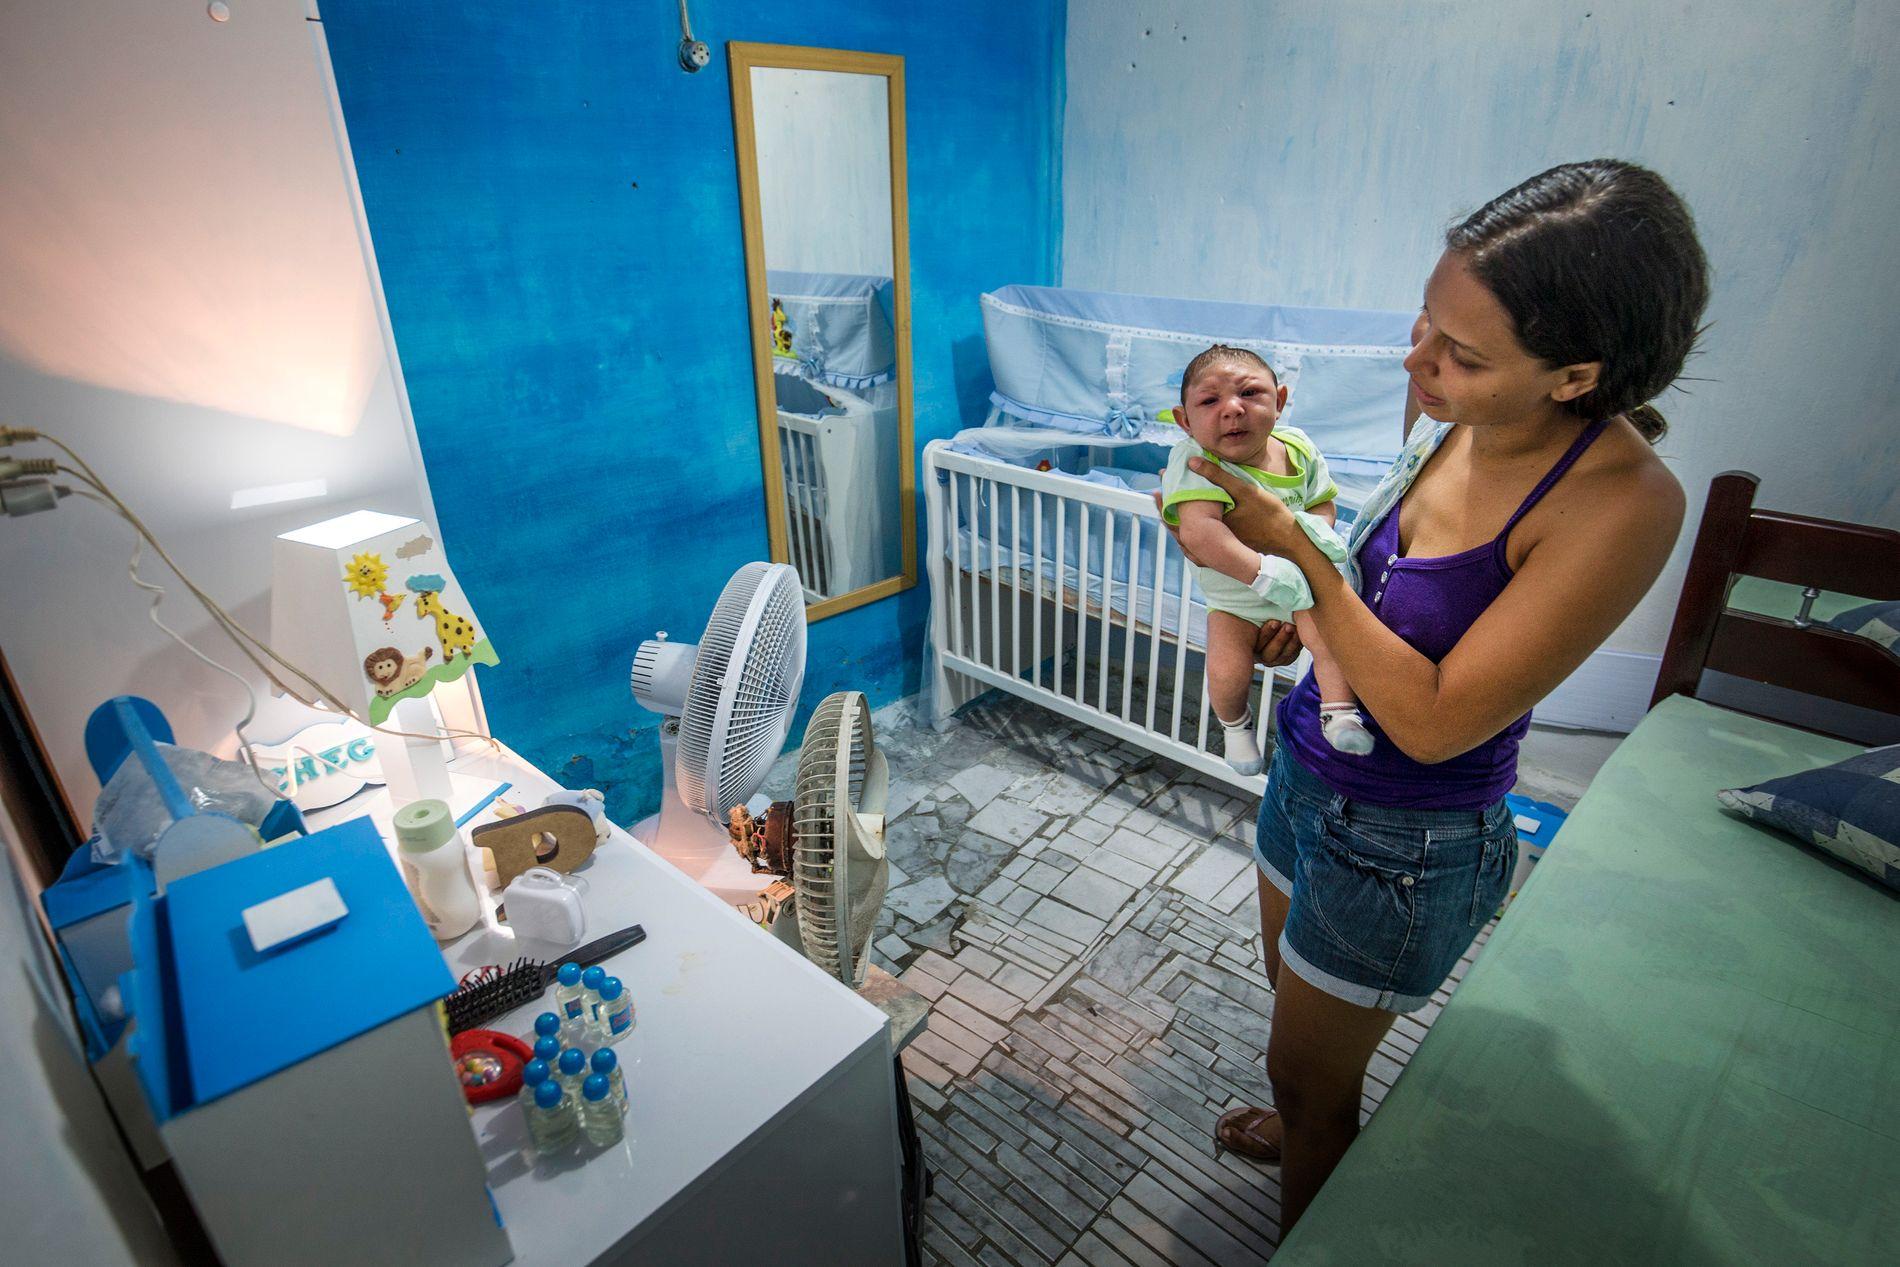 BARNEROMMET: Daniele bor med sønnen Juan Pedro og datteren i slummen i Apipucos i Recife, nordøst i Brasil. VG besøkte dem i januar.